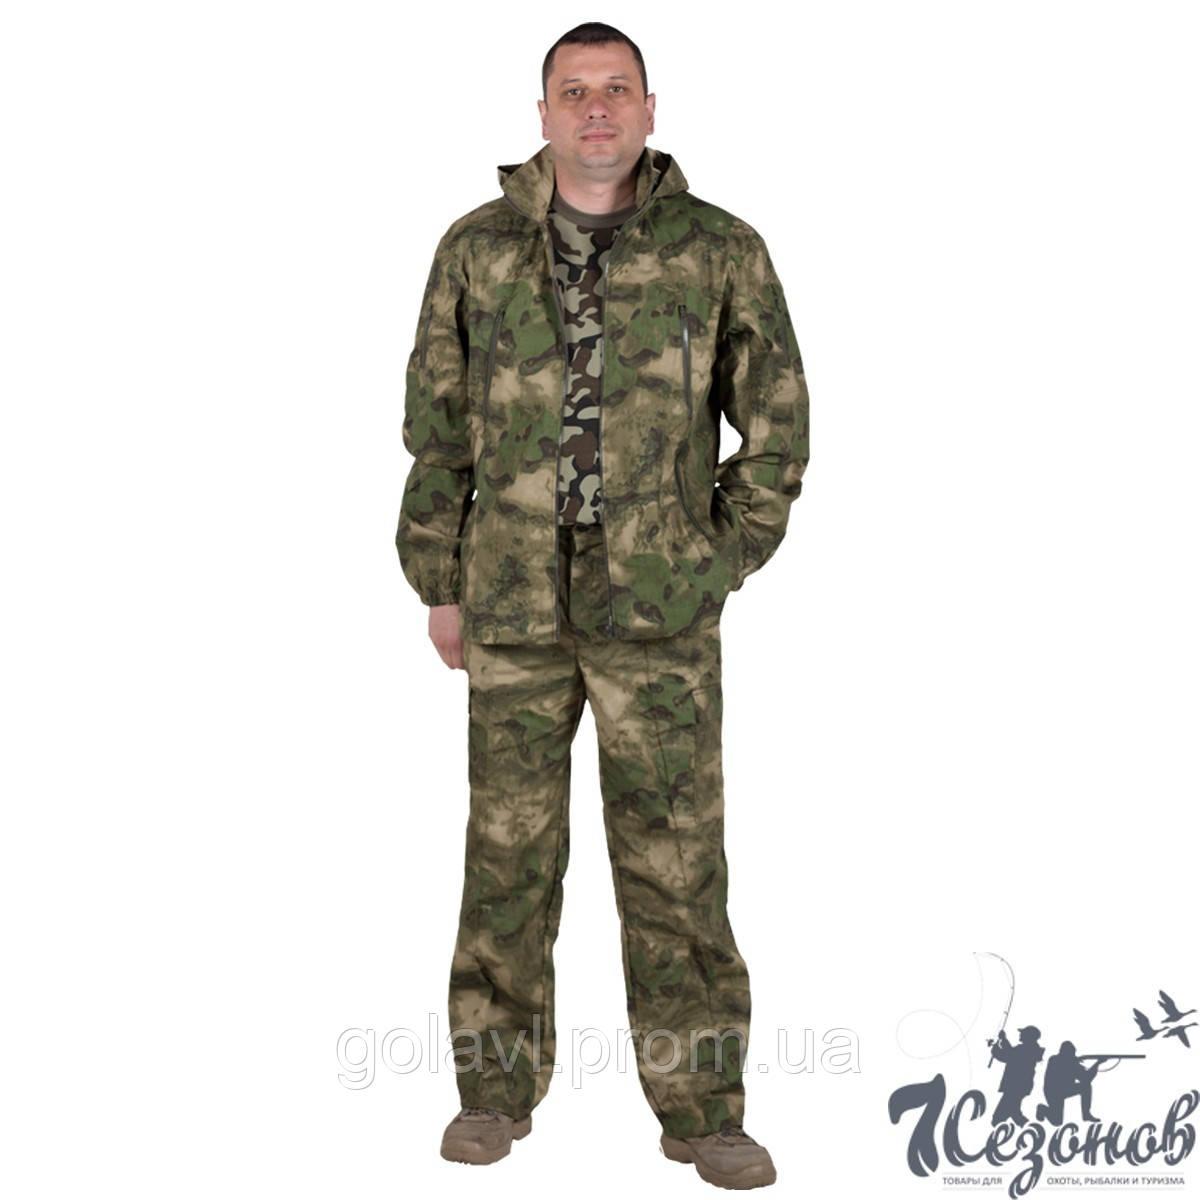 Камуфляжный костюм – Атакс зеленый (удлиненный)